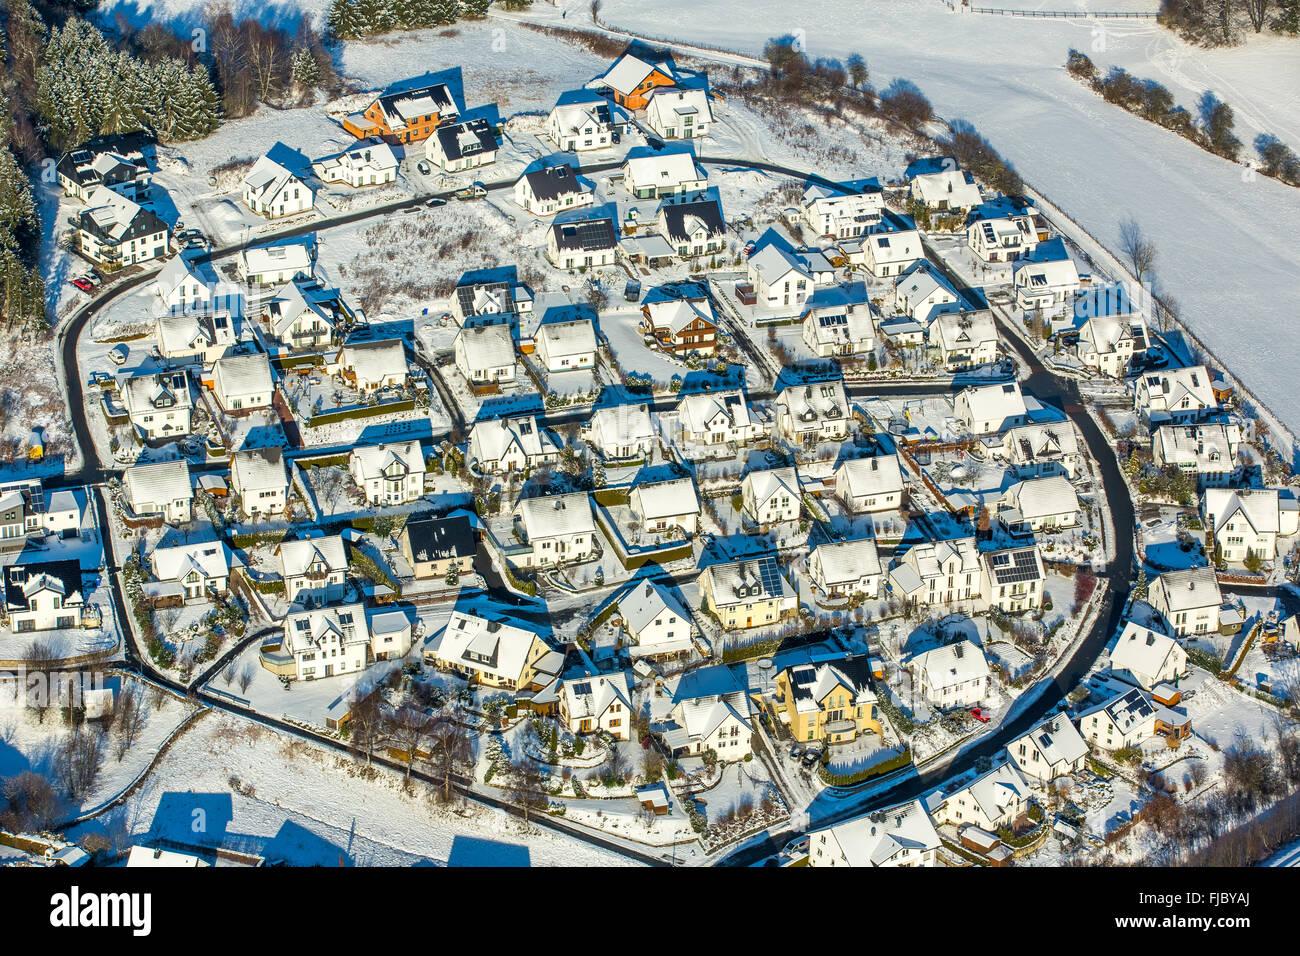 Neubausiedlung, case, pianta circolare, in inverno con neve, Olsberg, Sauerland, Nord Reno-Westfalia, Germania Immagini Stock